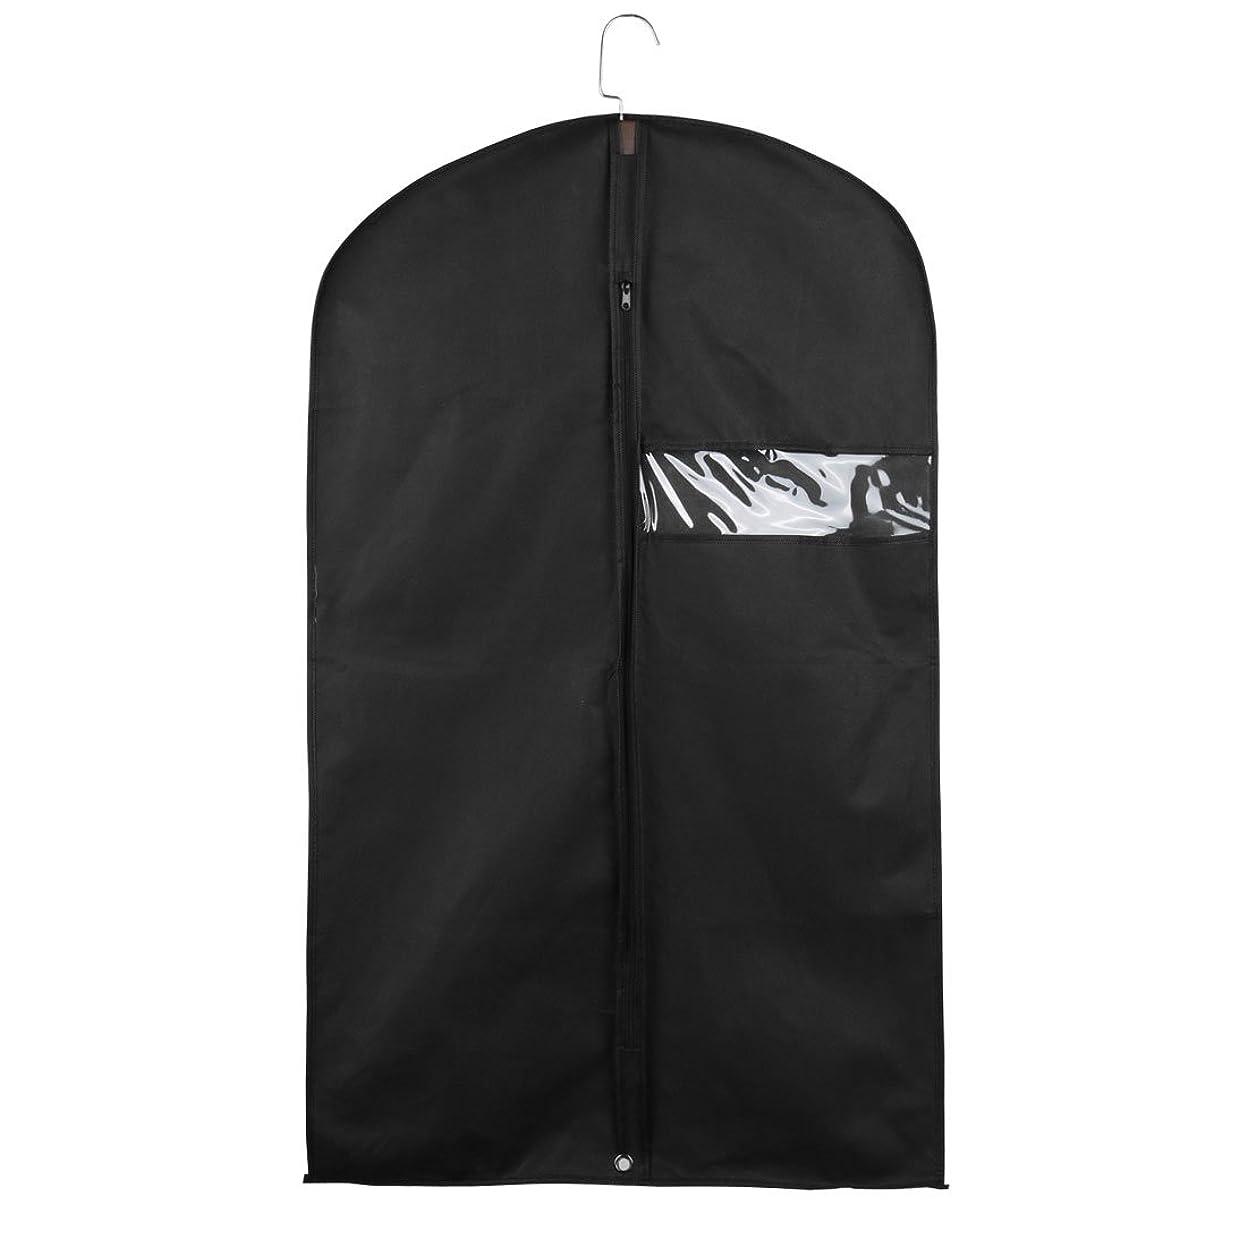 uxcell ガーメントバッグ スーツバッグ ガーメントカバー スーツキャリア スーツカバー ドレスバッグ ブラック